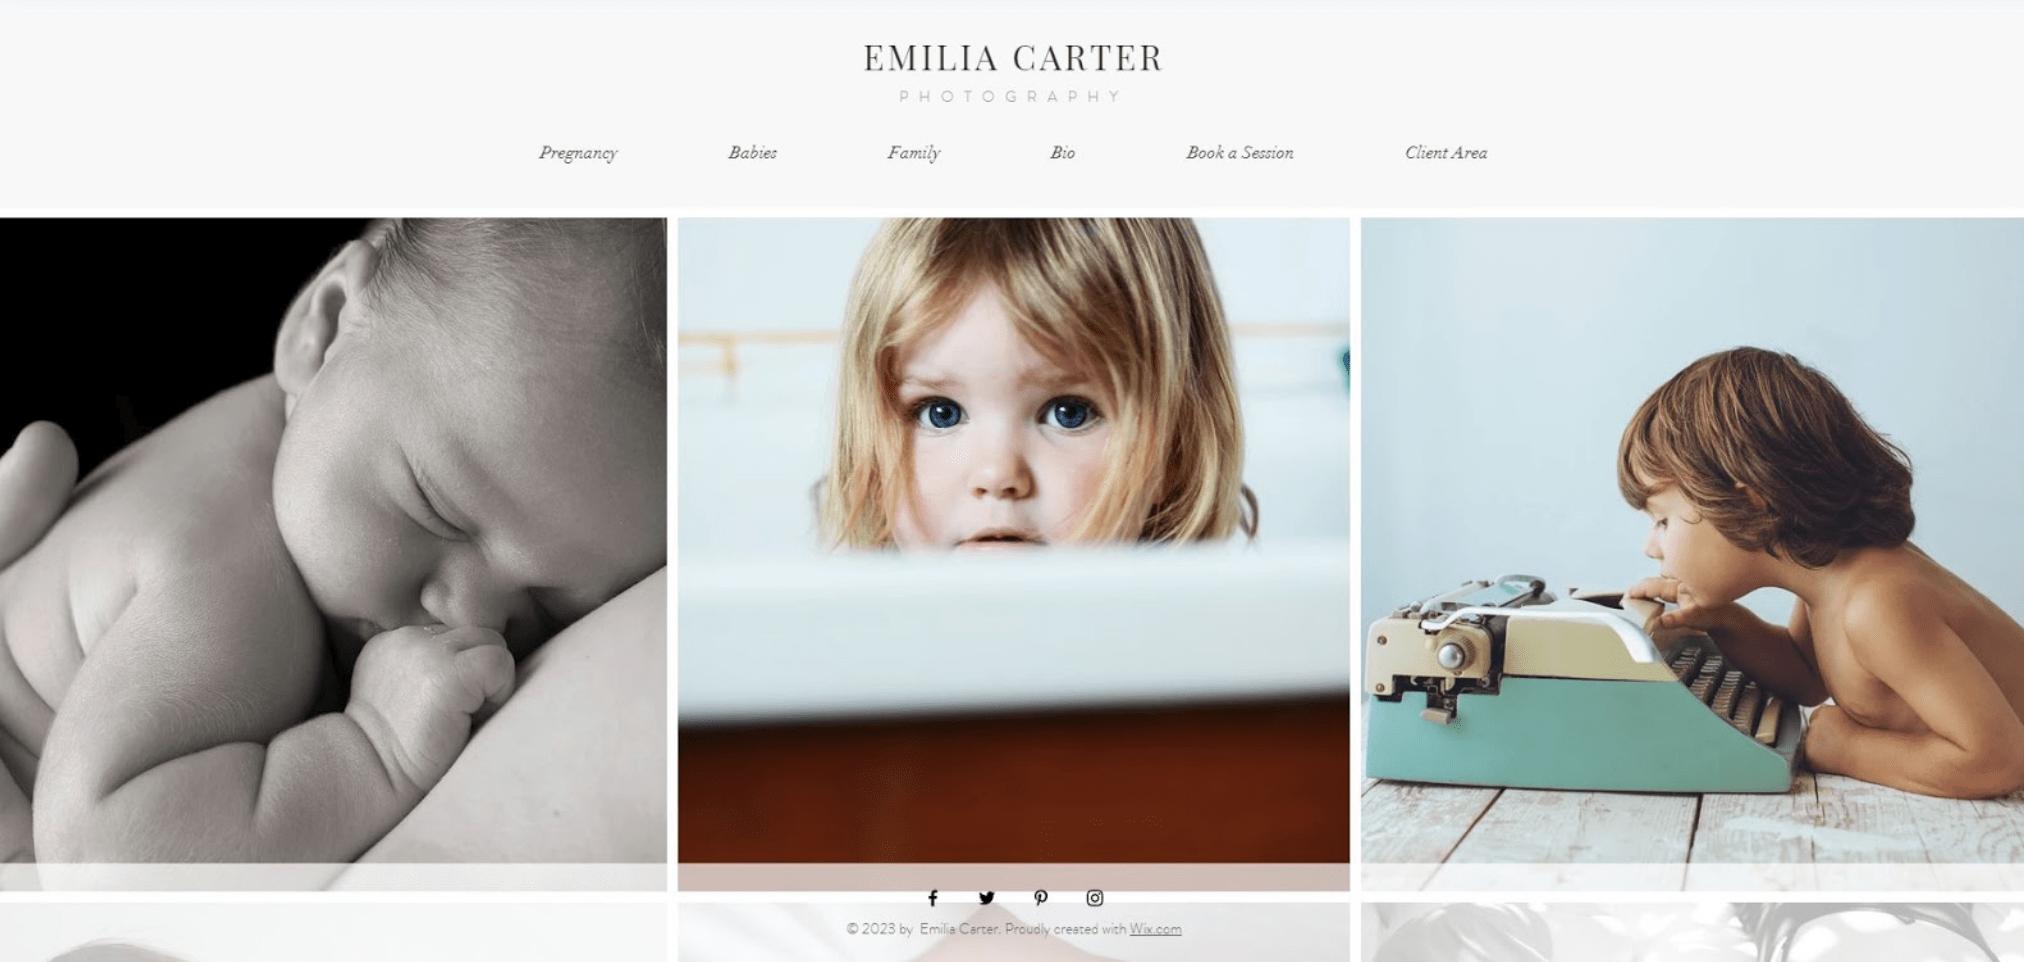 Fotografie Website erstellen - Beispiel 4